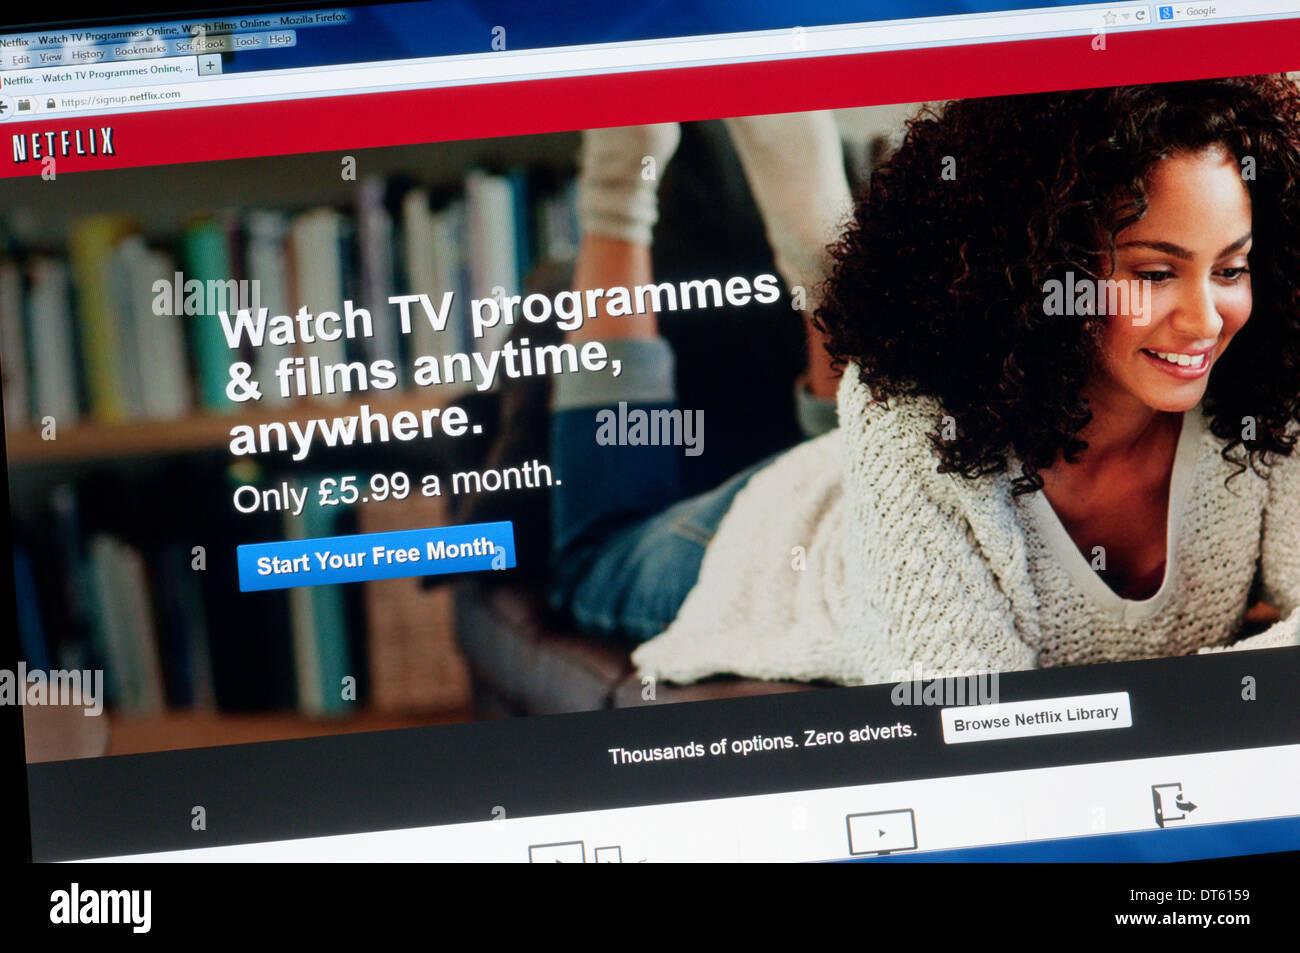 La página principal de Netflix, un proveedor de Internet on-demand Streaming de TV y películas. Imagen De Stock